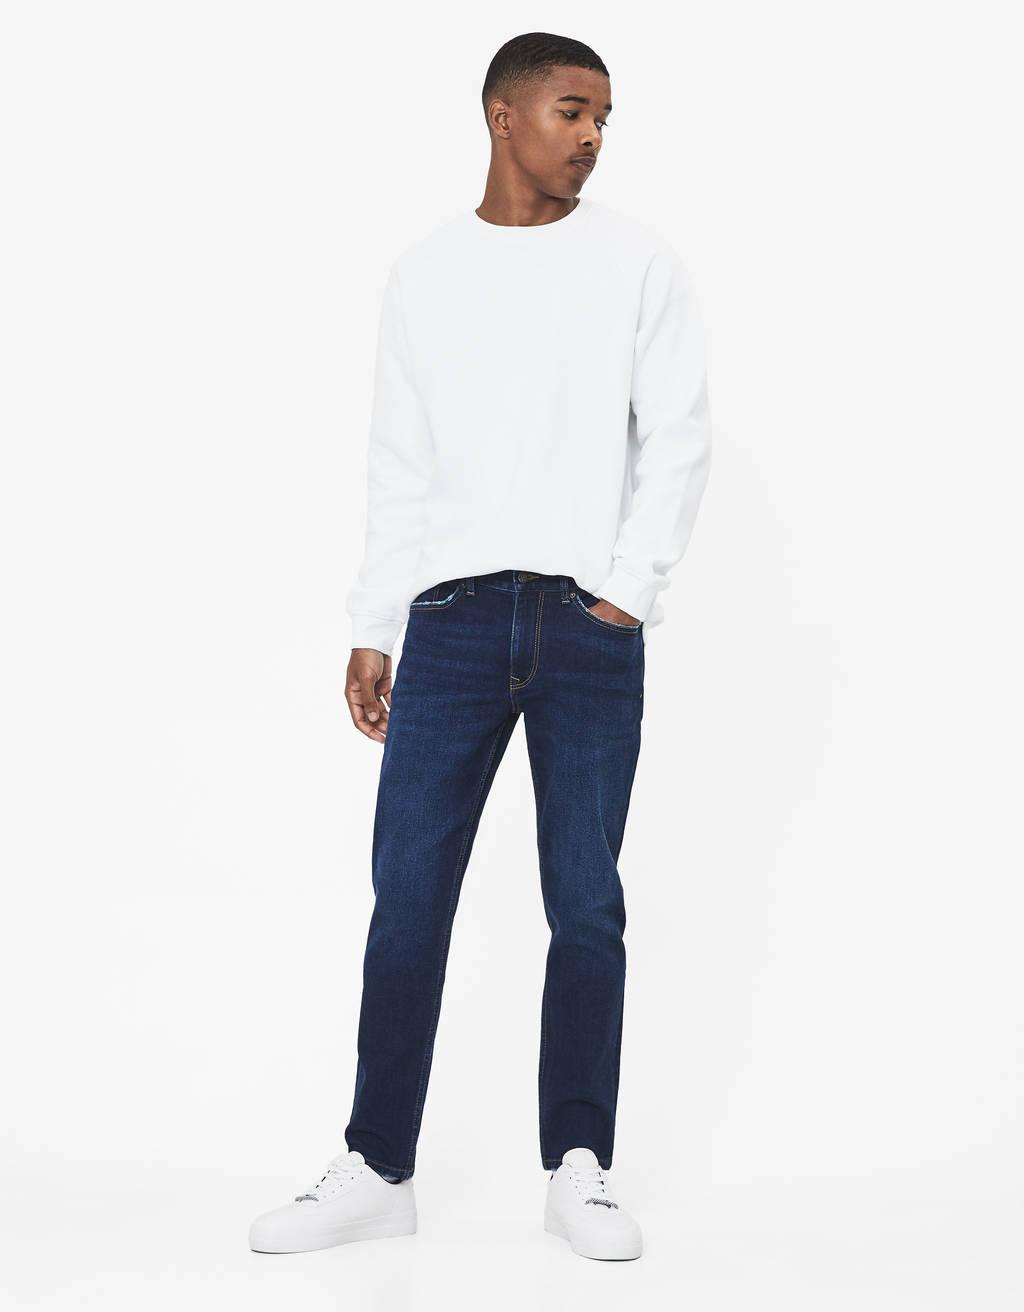 9faf23c50c55 Jeans da uomo - Saldi estivi 2019   Bershka